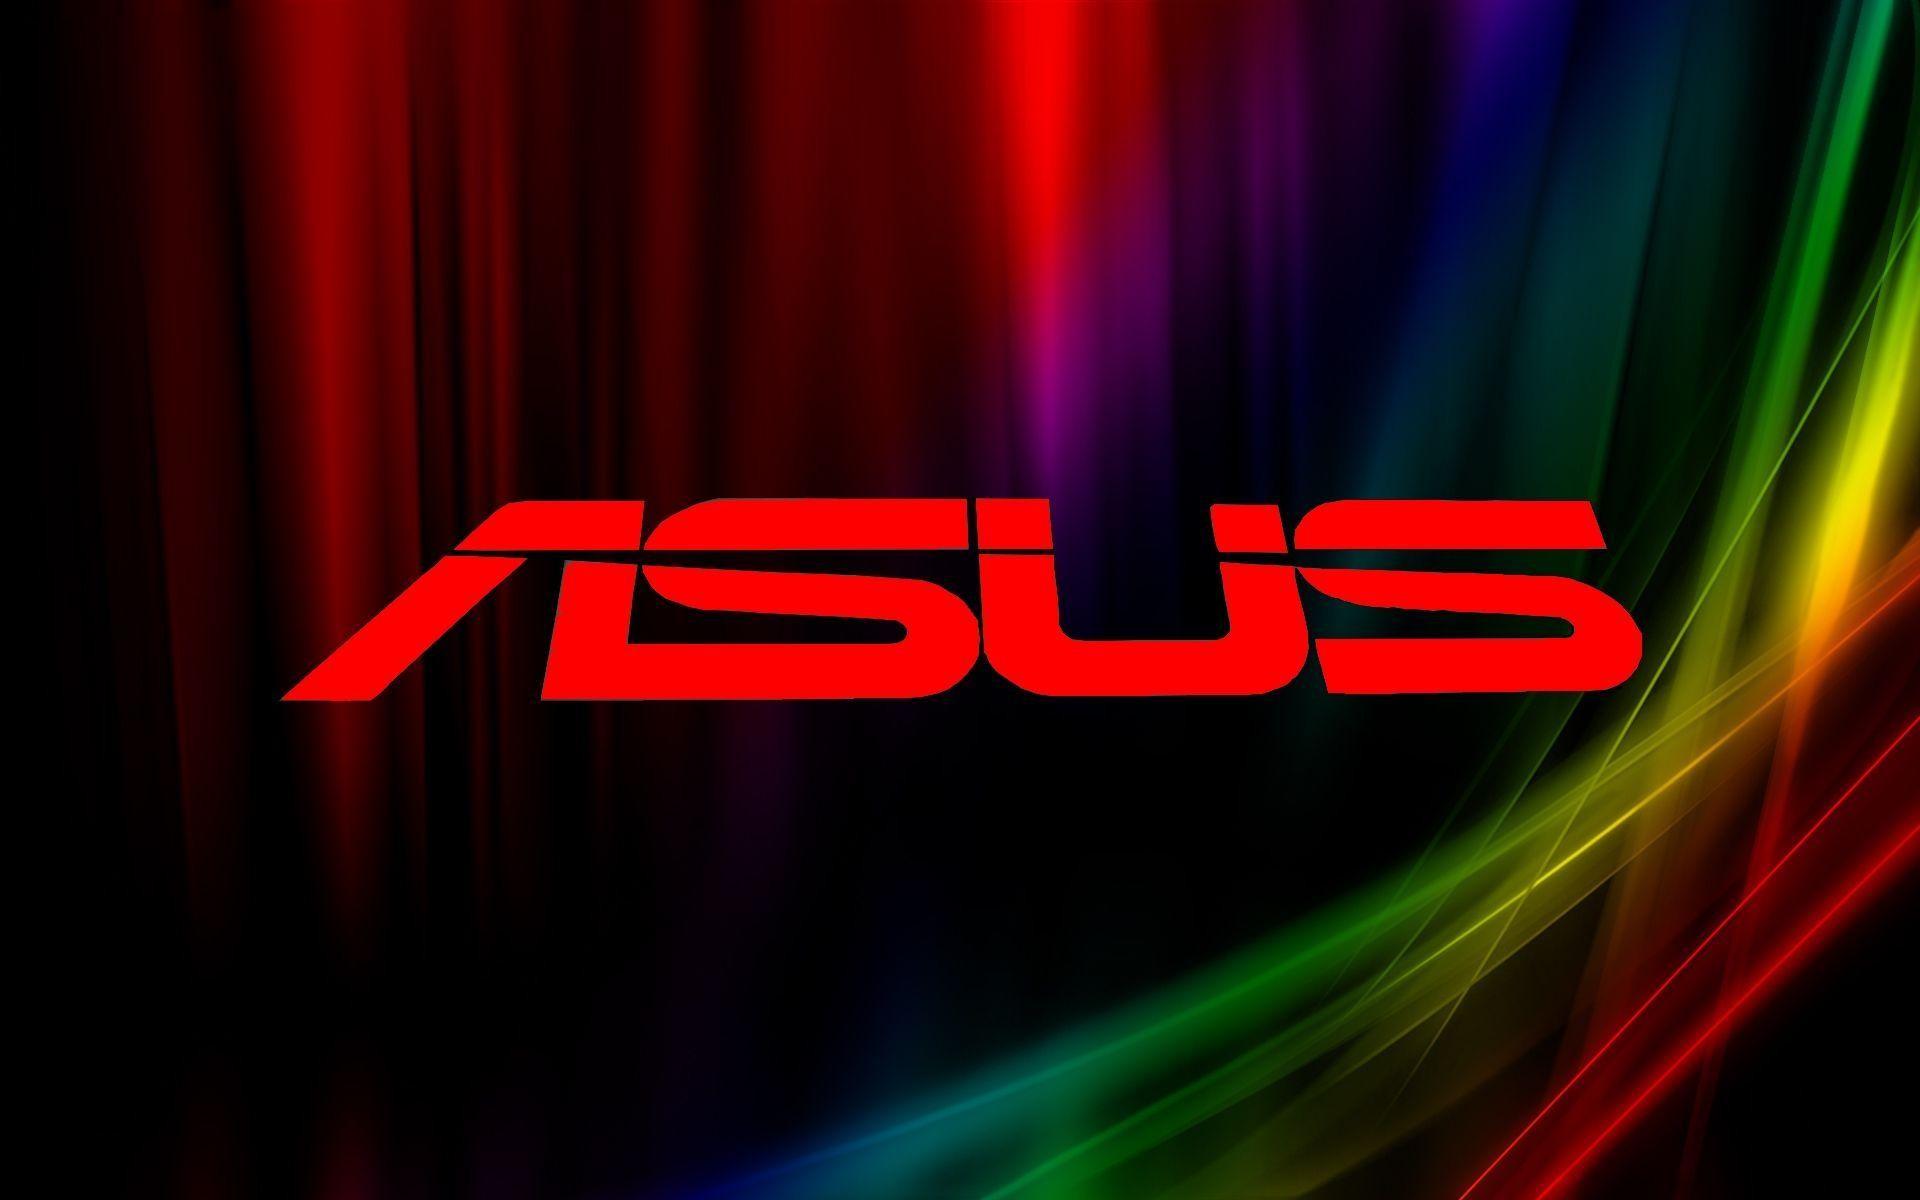 <b>Asus</b> Republic Of Gamers HD <b>desktop